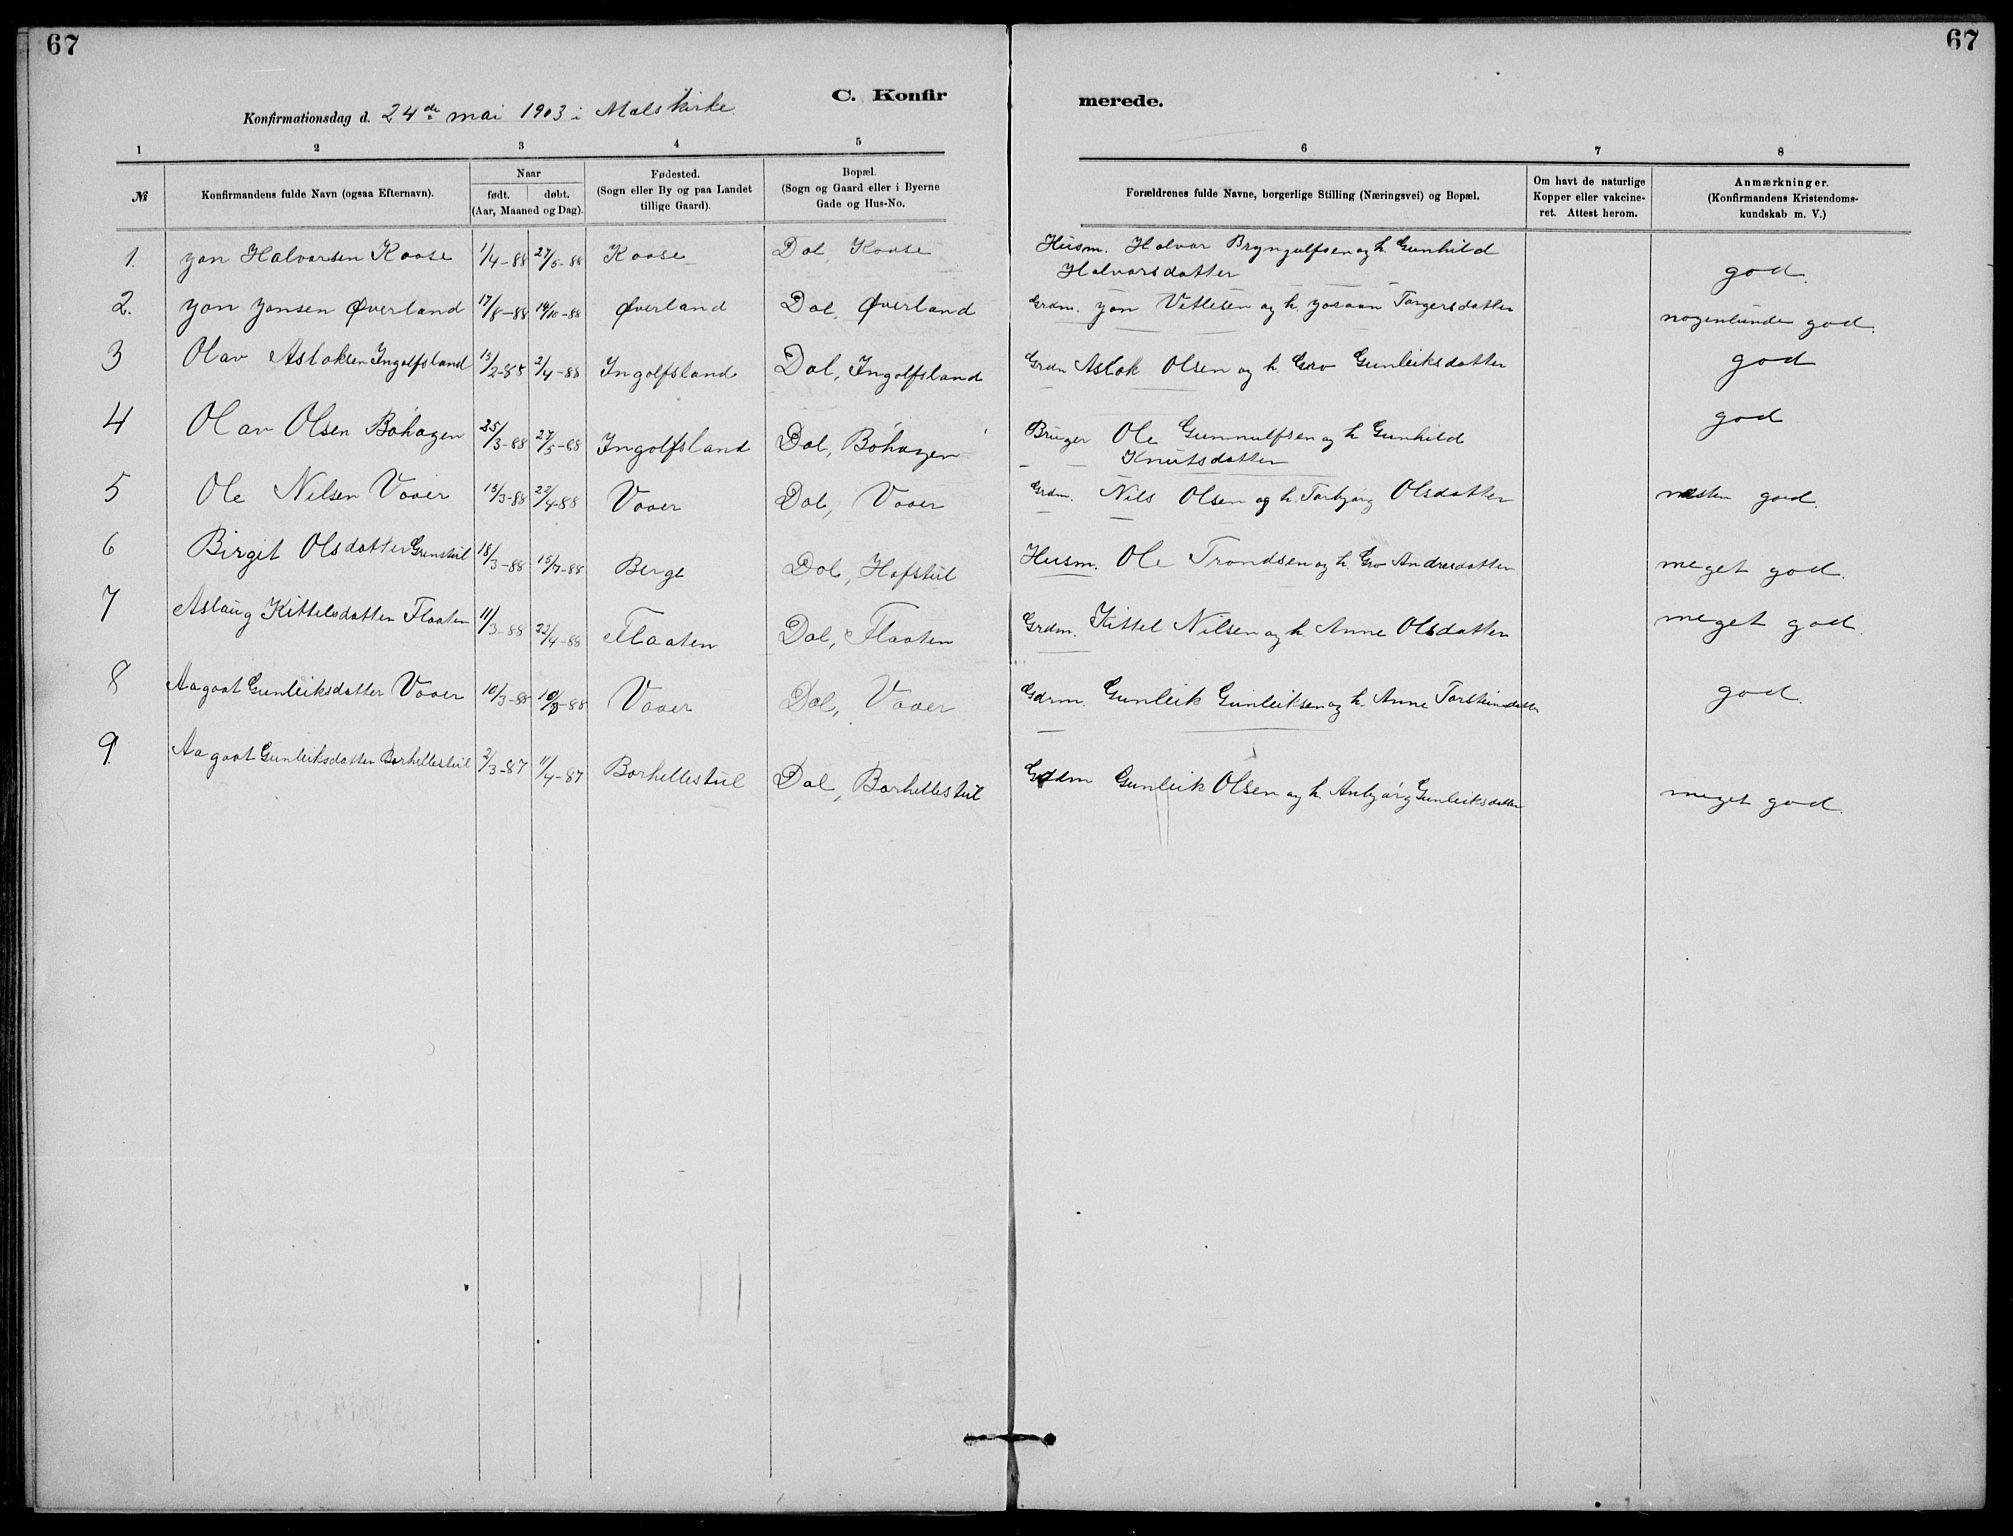 SAKO, Rjukan kirkebøker, G/Ga/L0001: Klokkerbok nr. 1, 1880-1914, s. 67